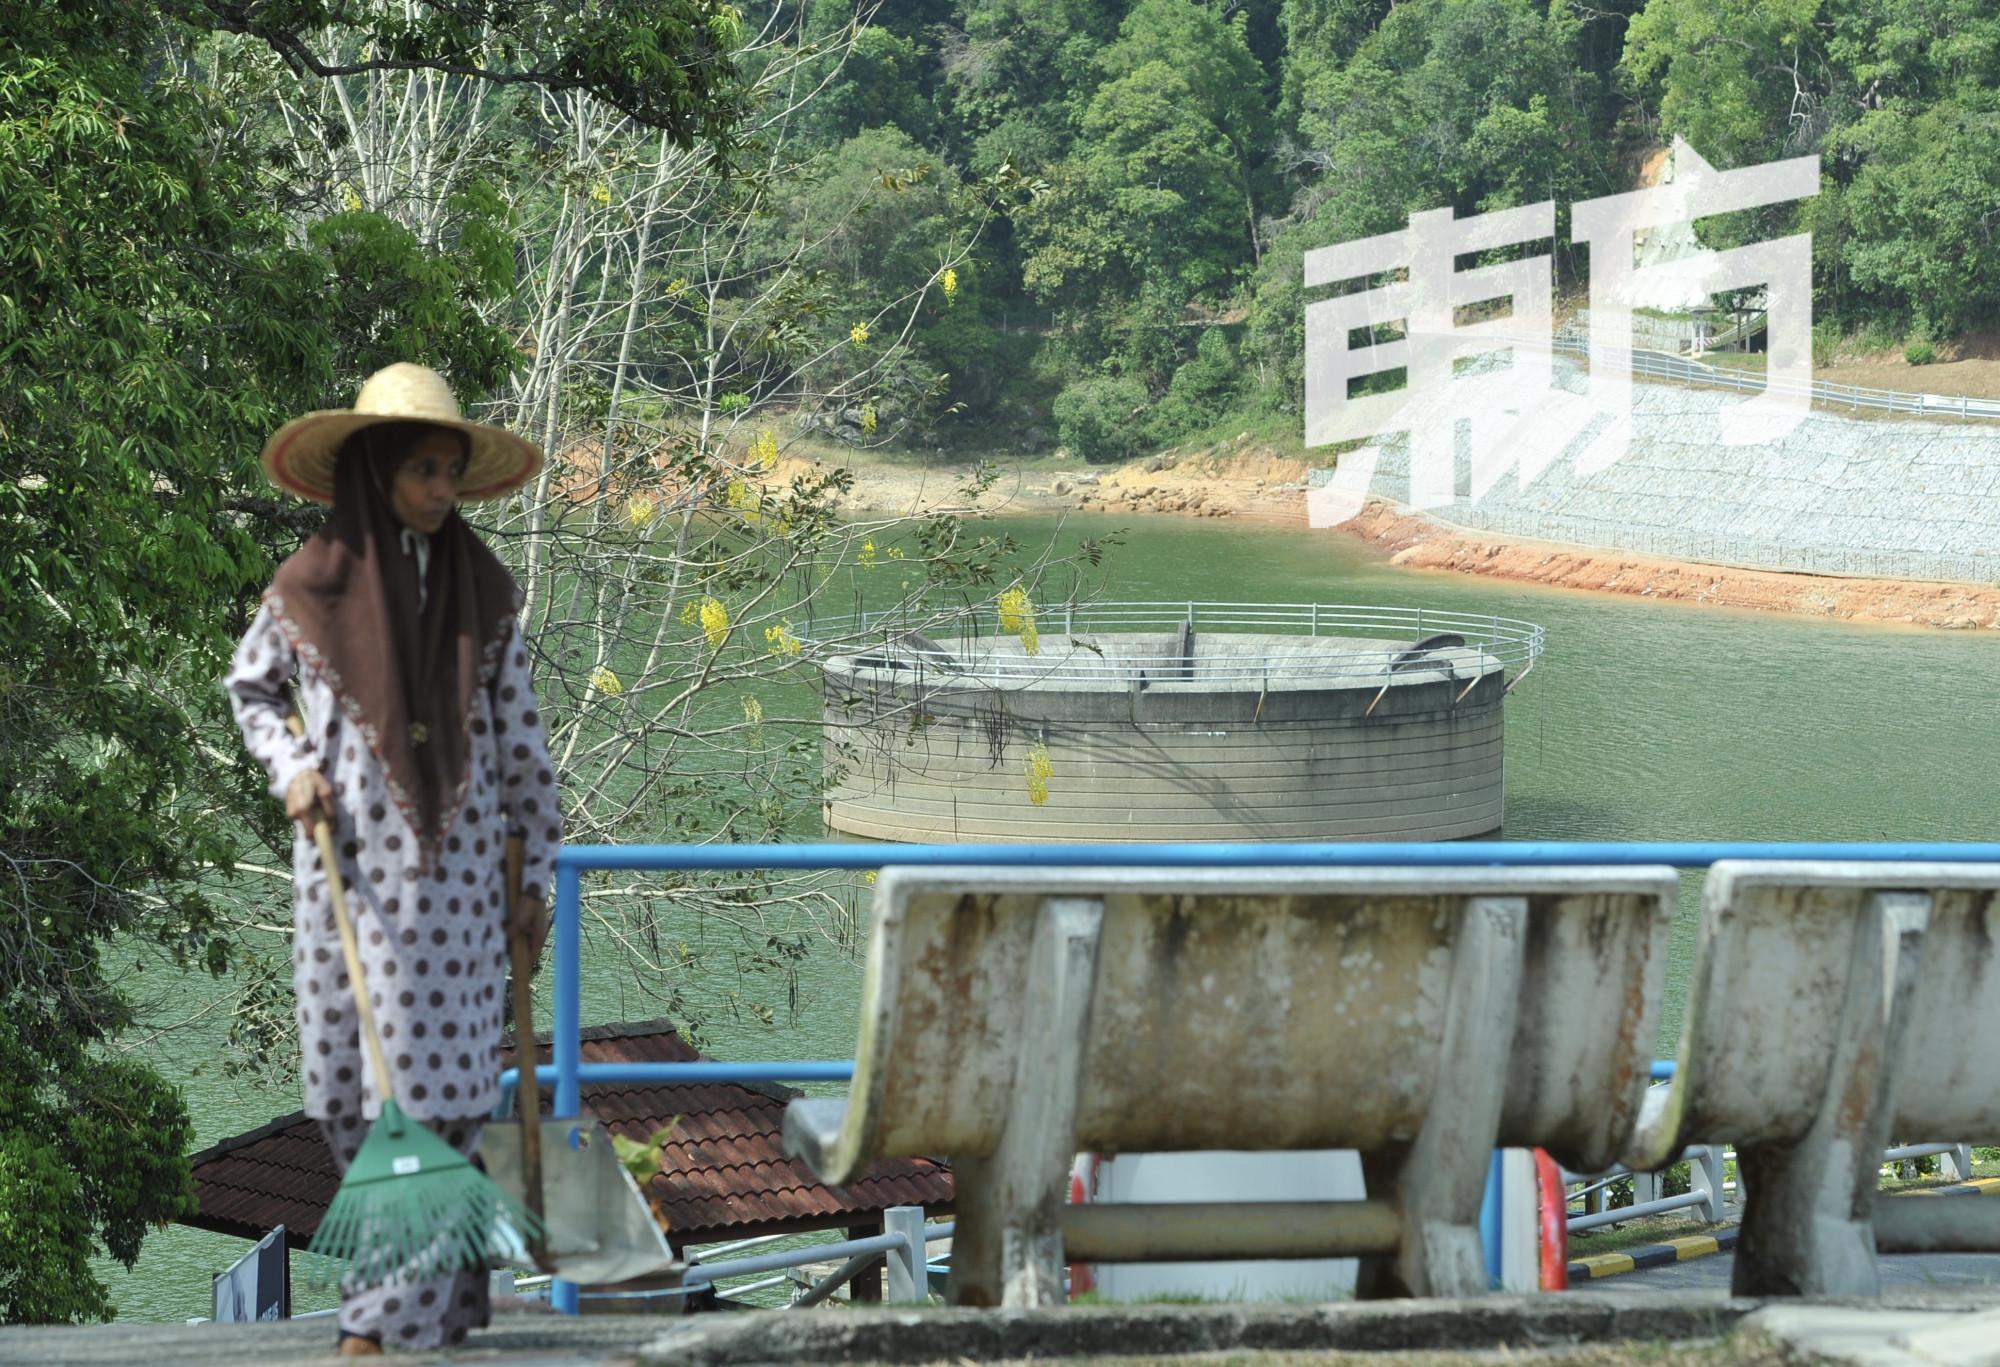 槟岛储水量创新低 供水机构促人民节省用水